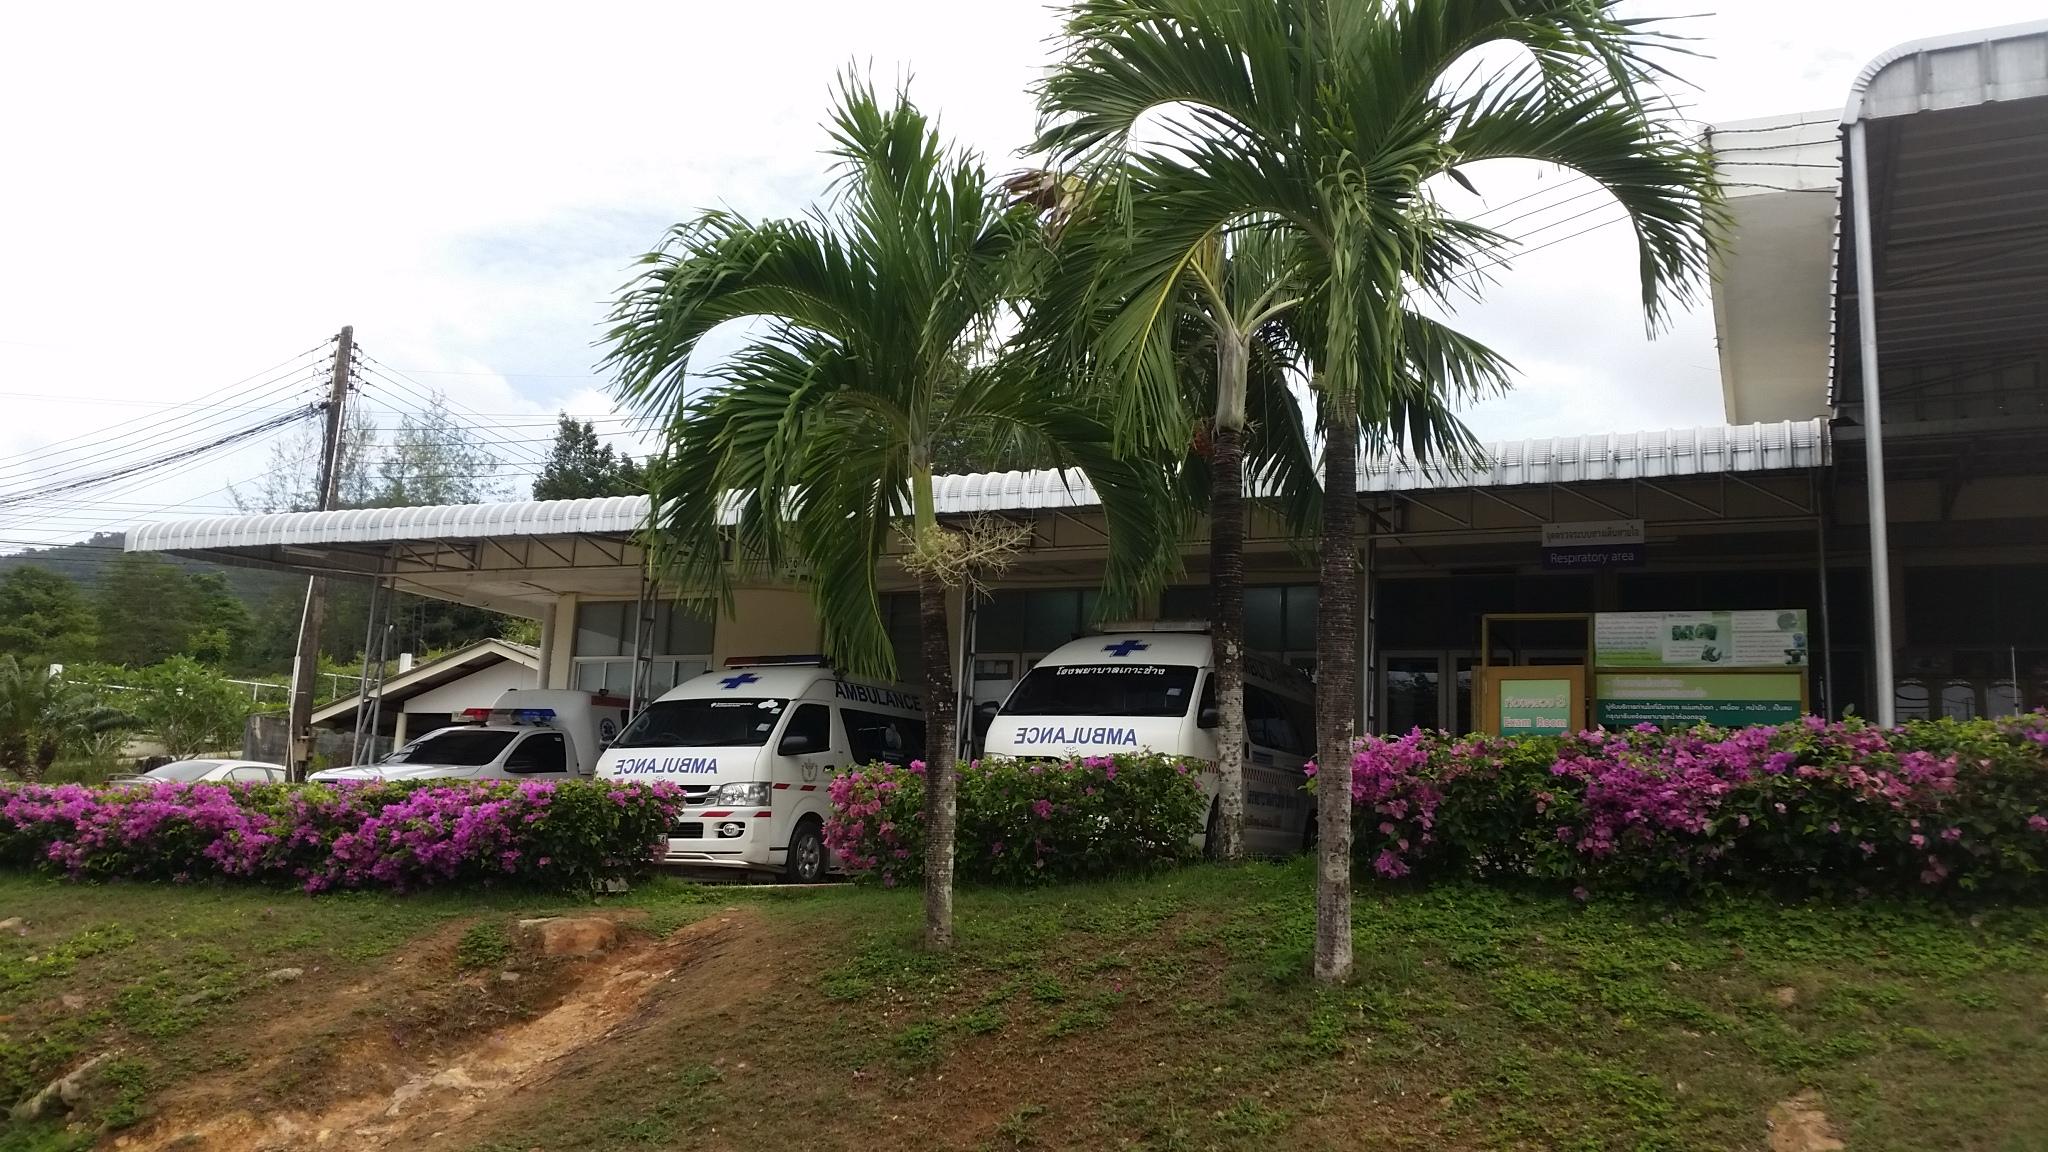 koh chang hospital outside area